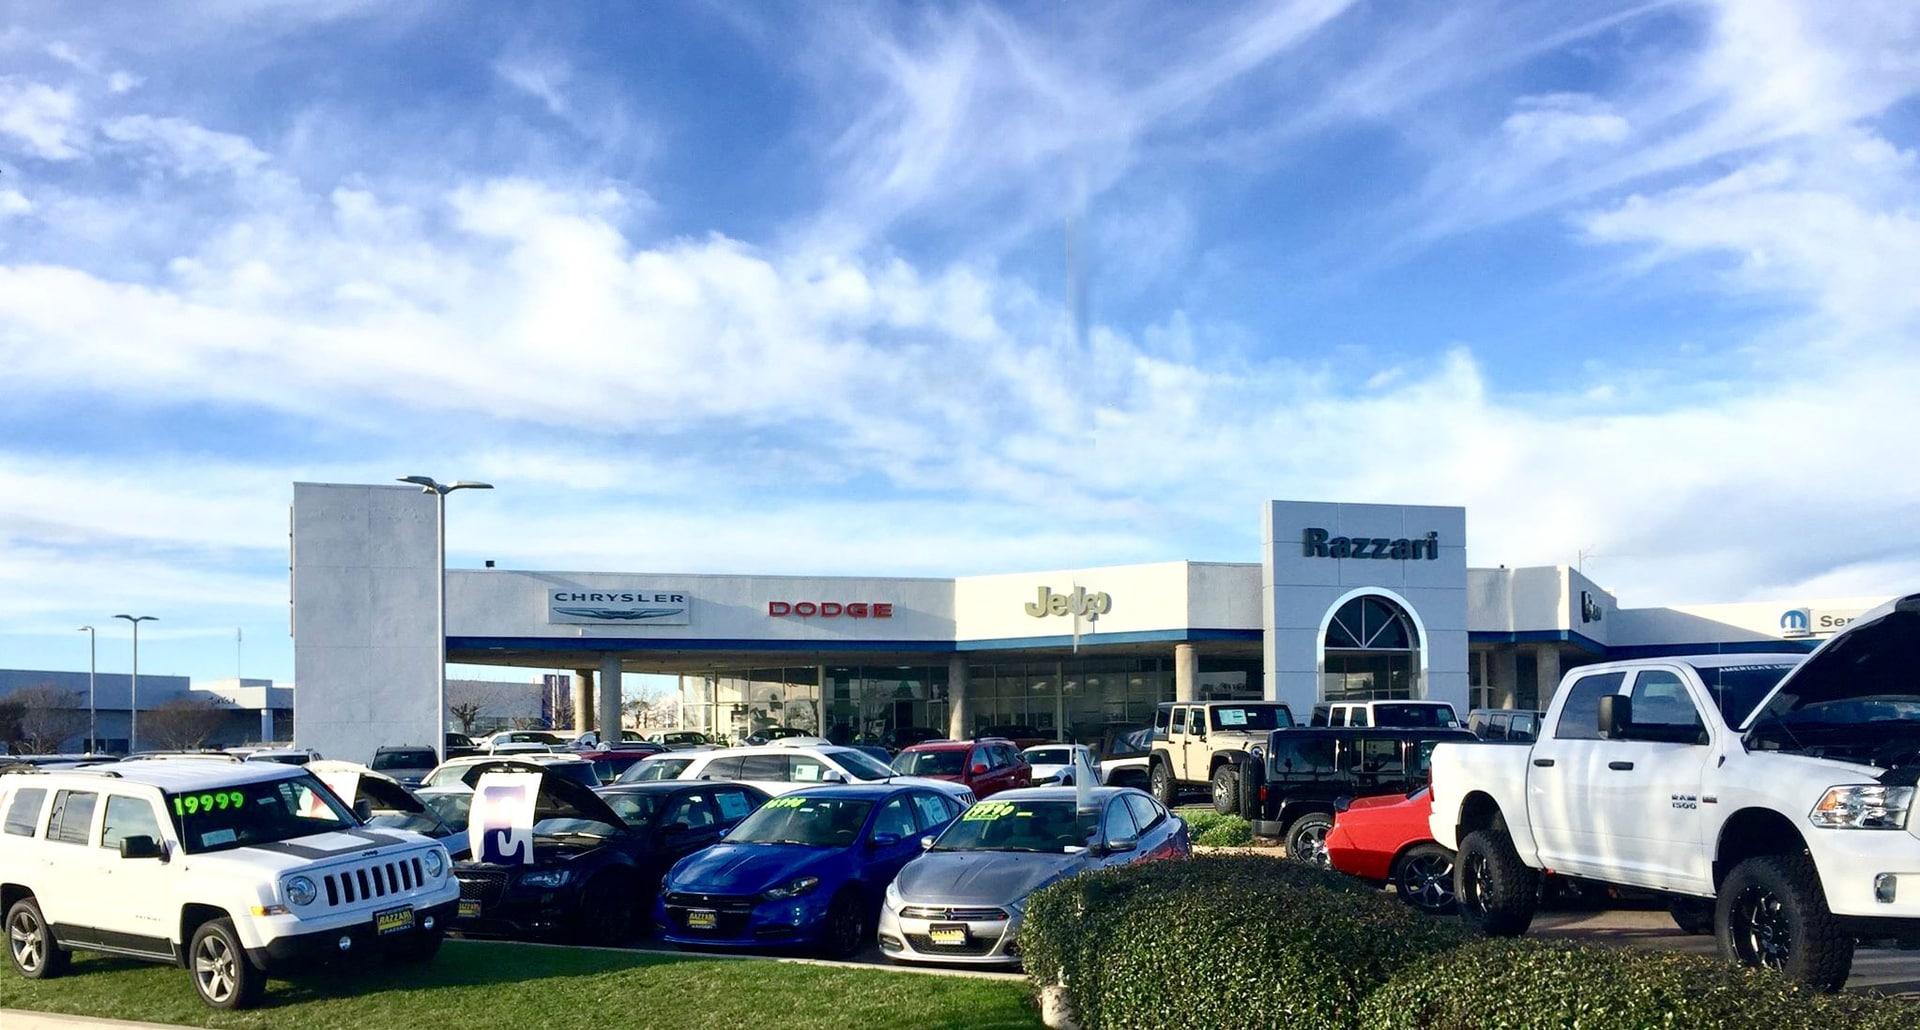 The Razzari Auto Centers